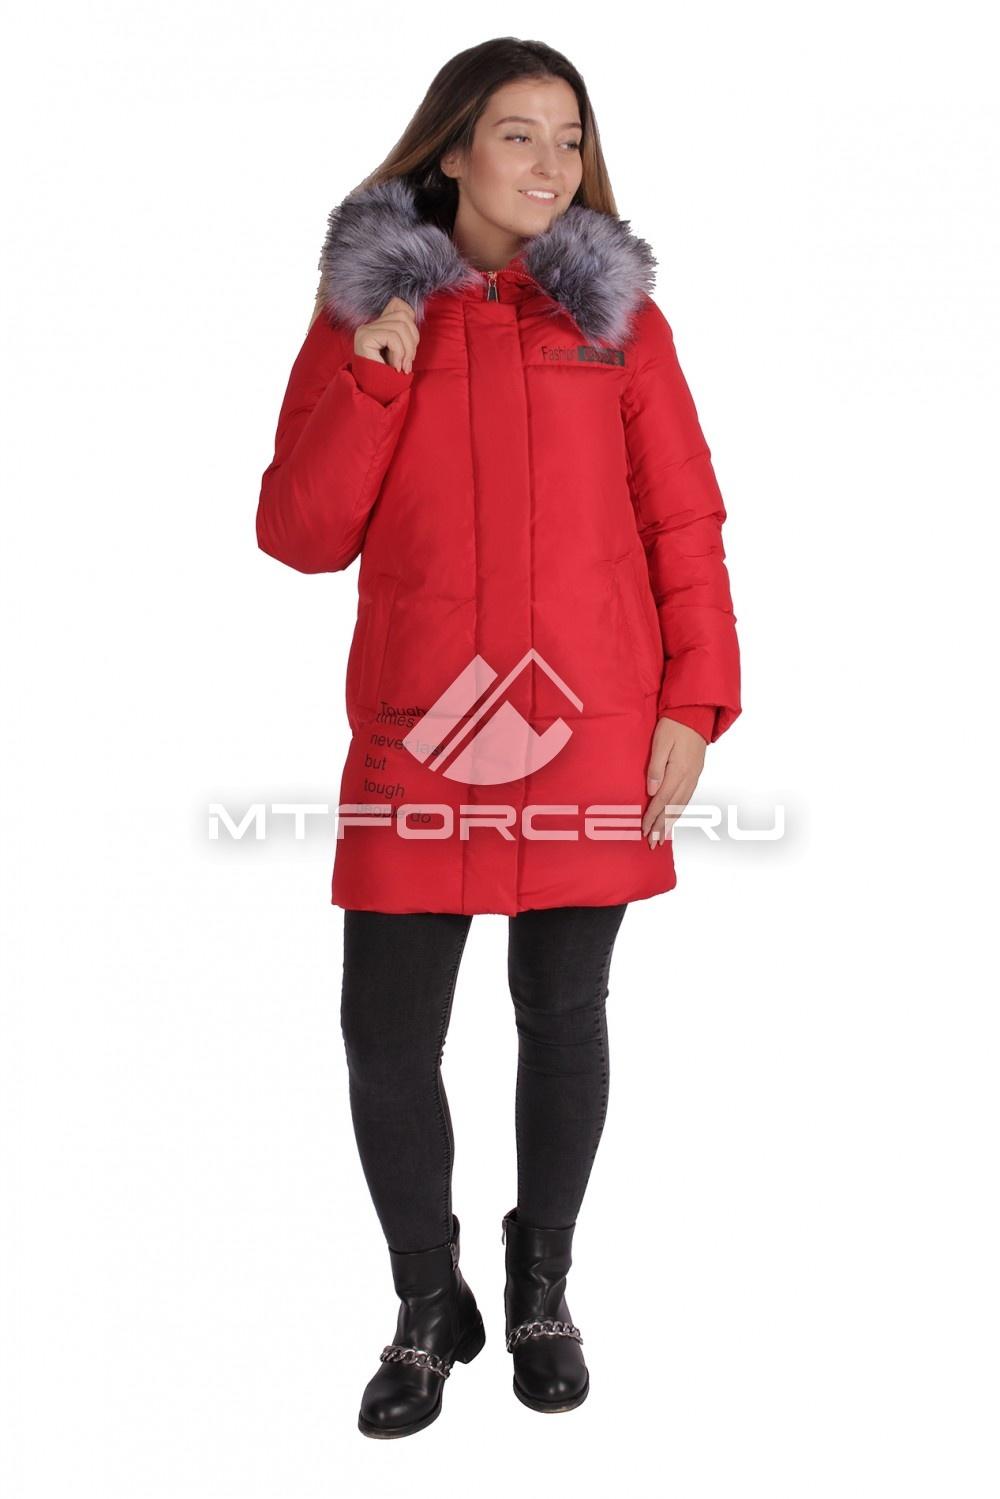 Купить                                  оптом Пуховик ТРЕНД женский зимний красного цвета 16031Kr